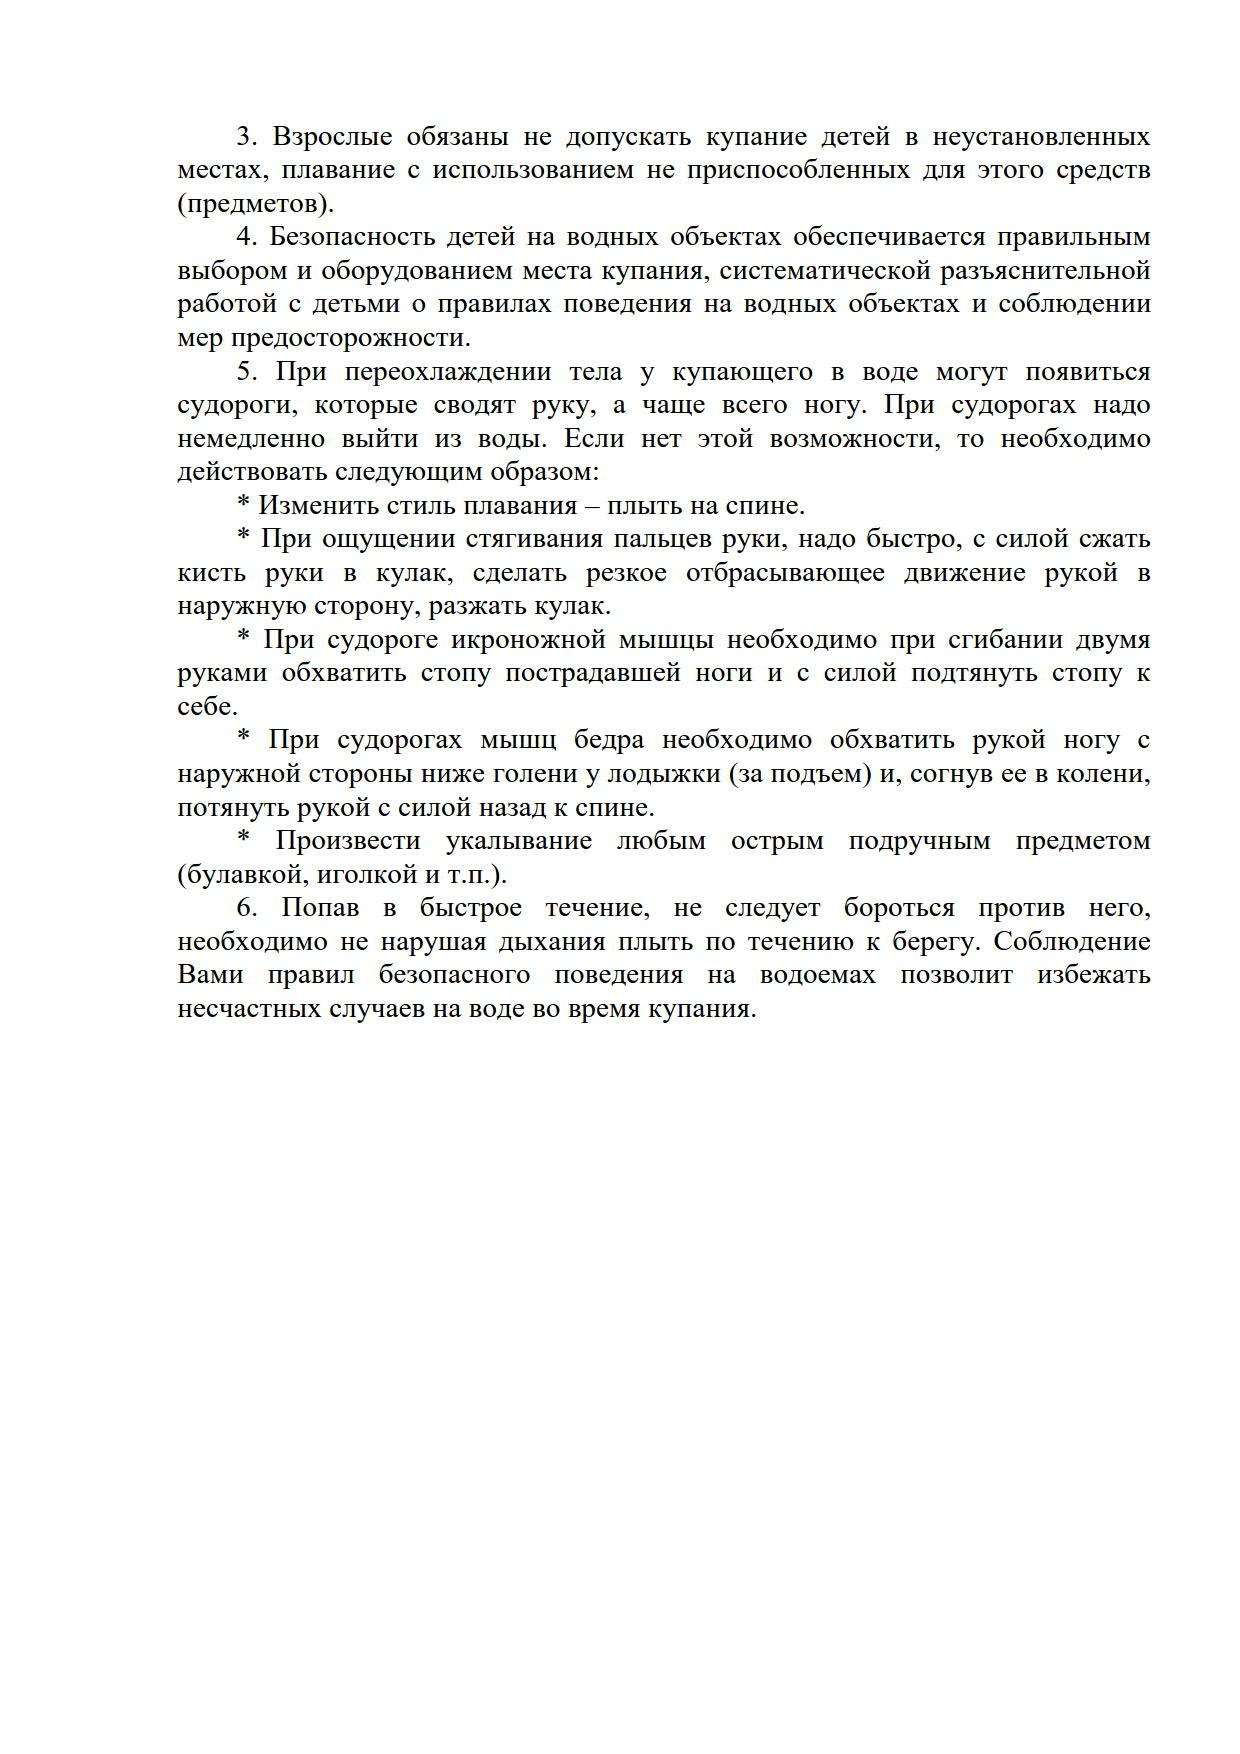 Правила поведения на водных объектах (1)_2